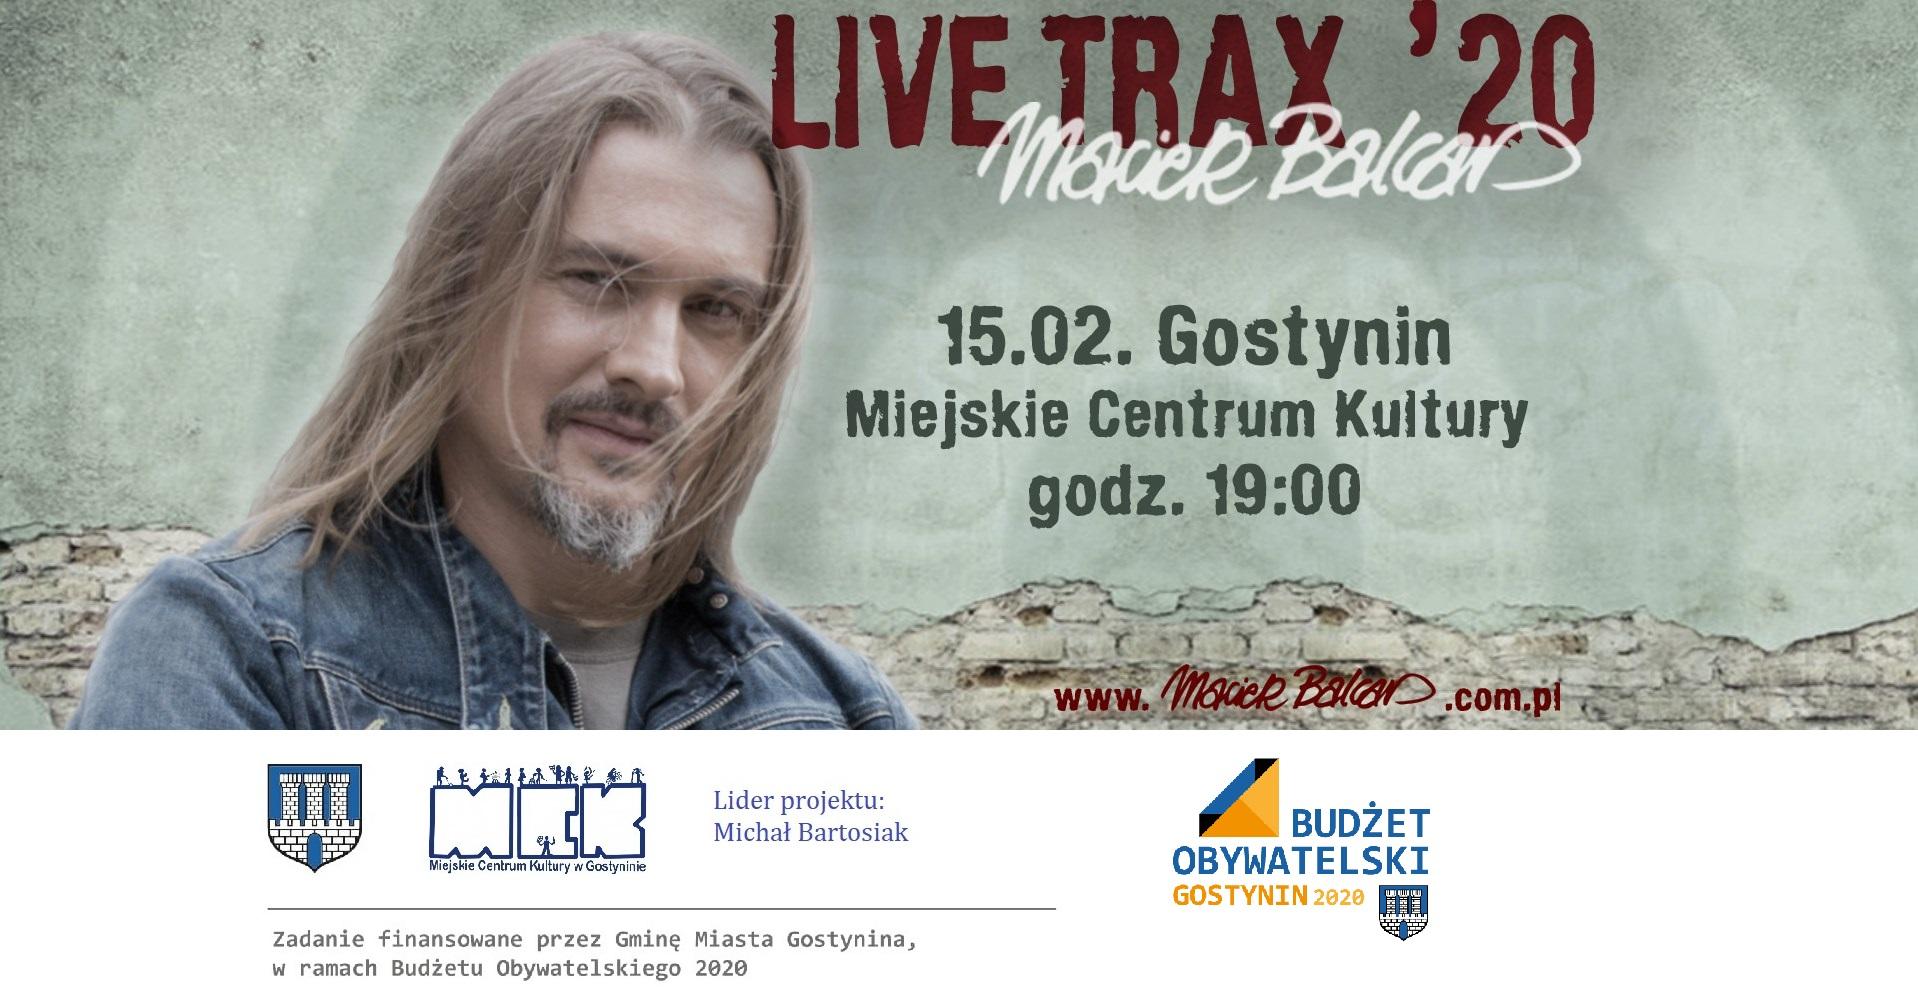 Koncert Macieja Balcara – Budżet Obywatelski 2020